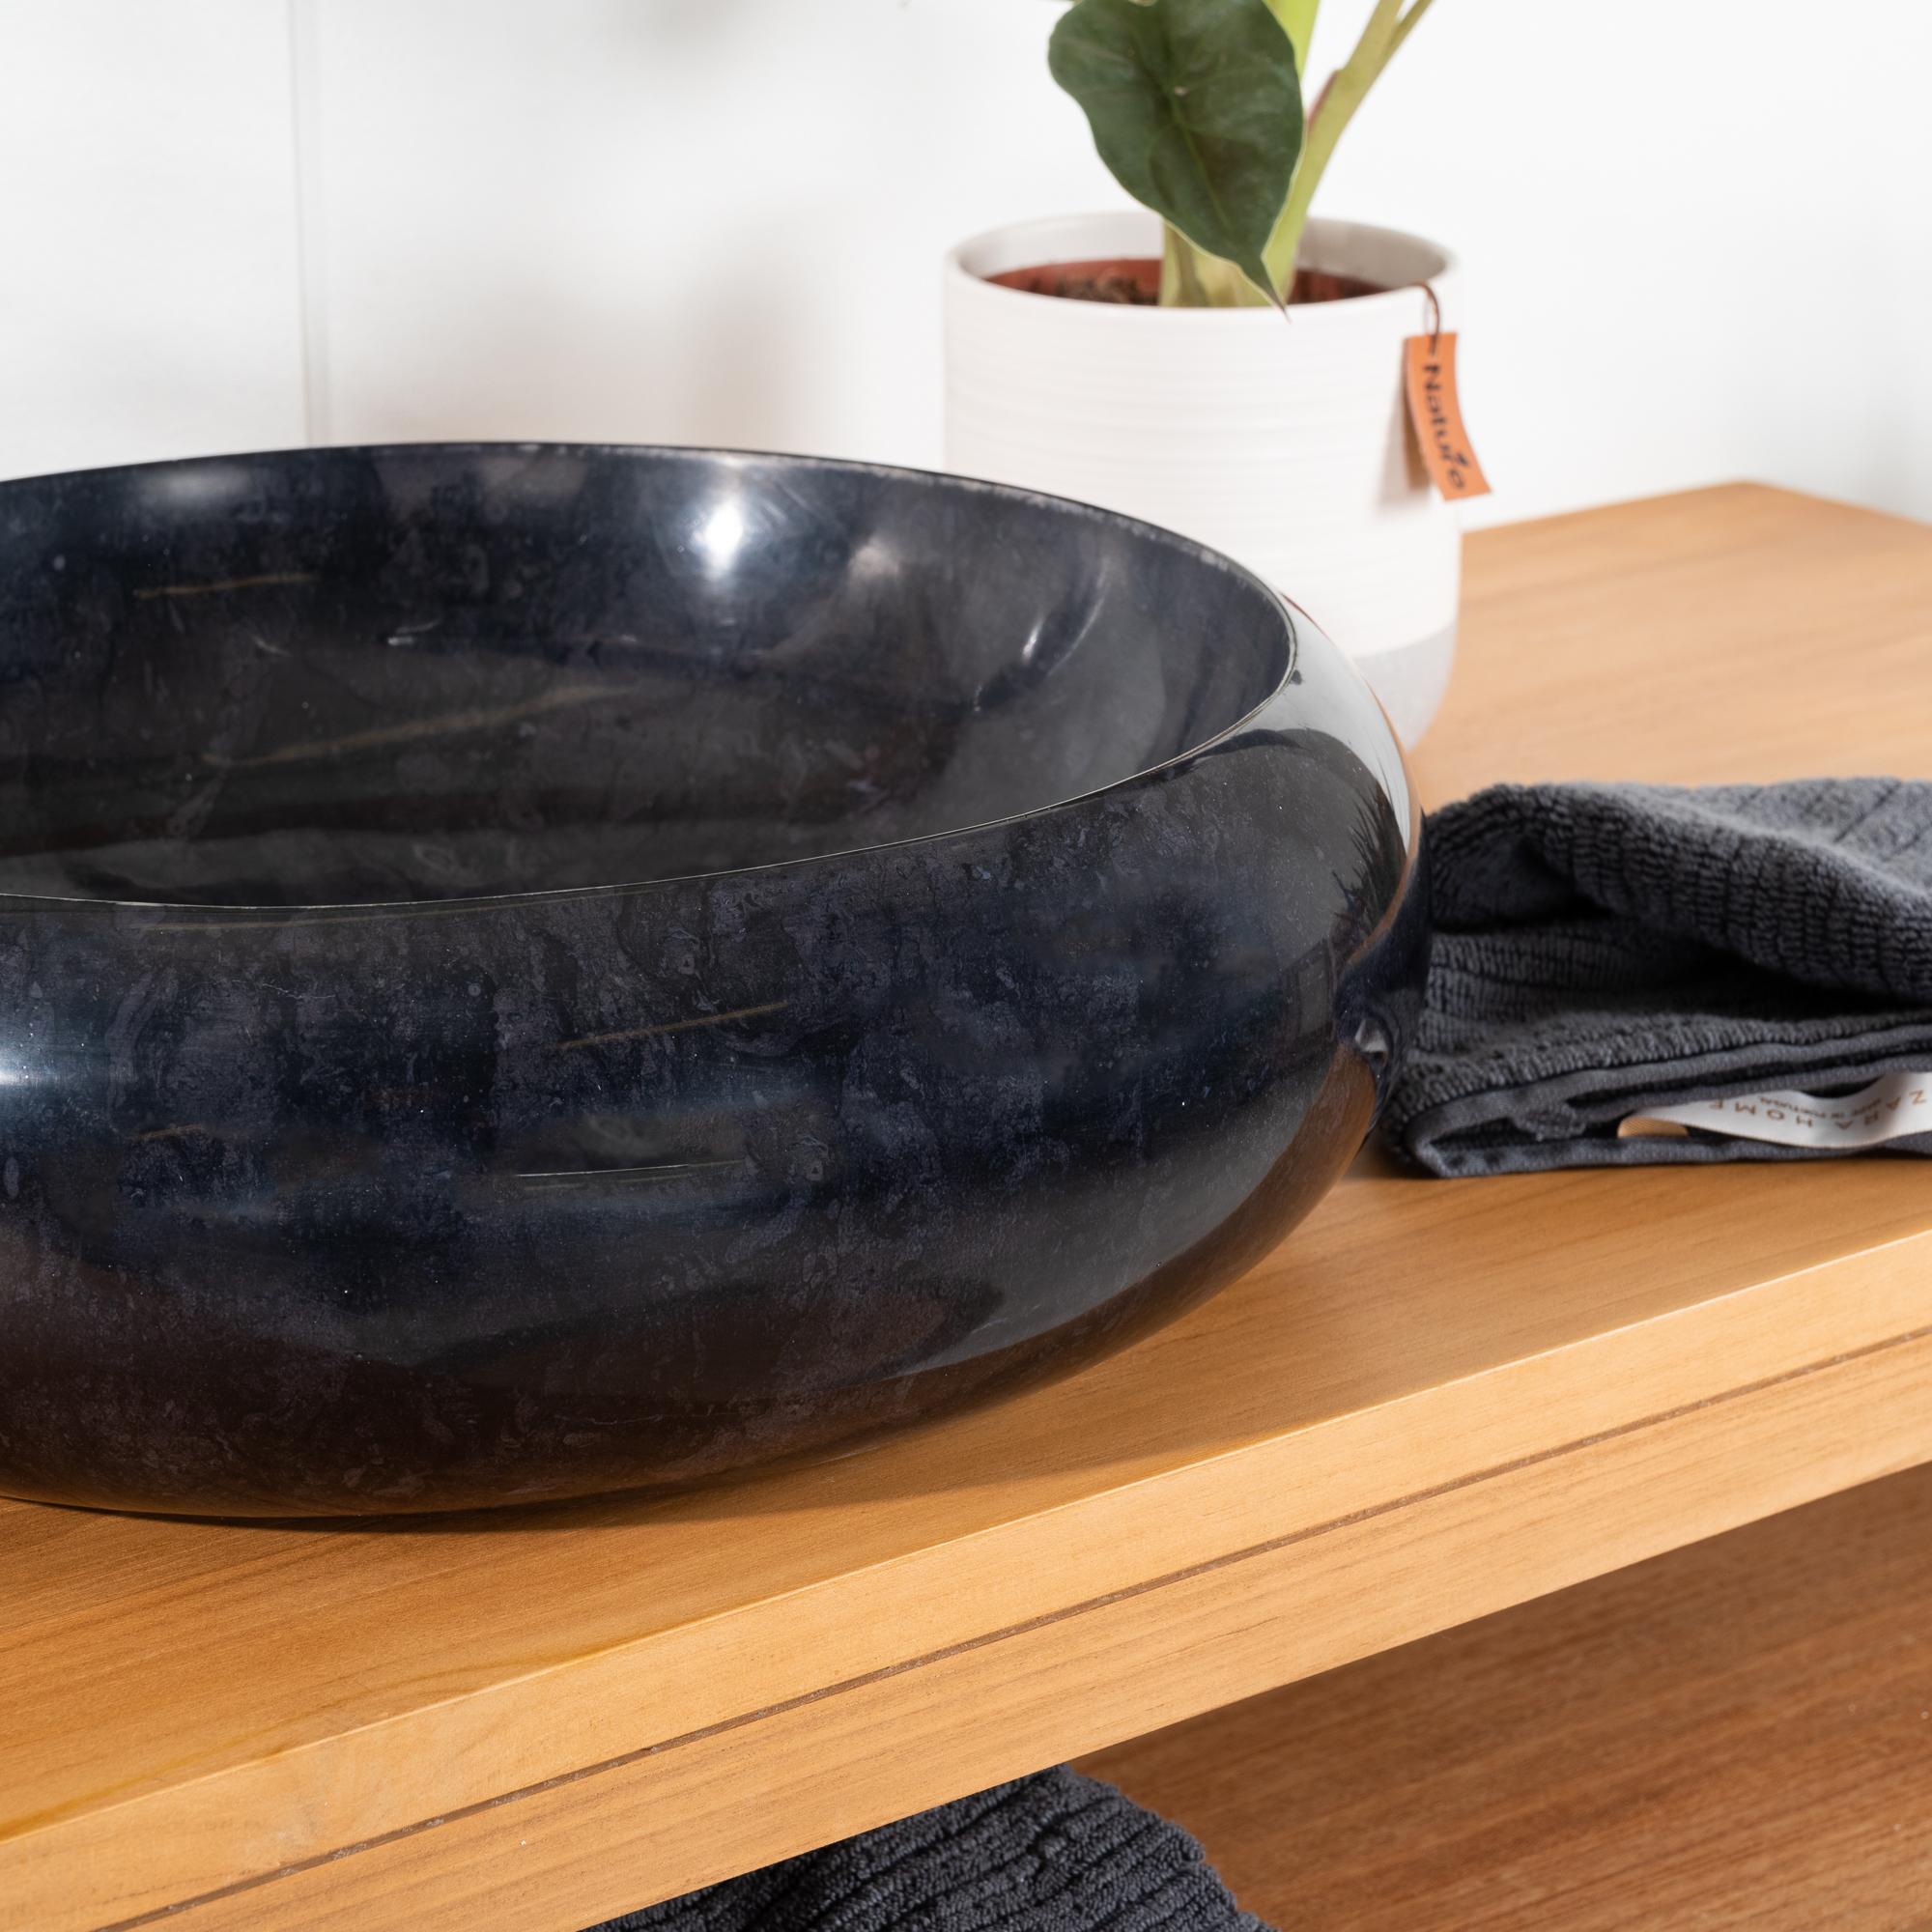 fabriquer meuble salle de bain double vasque - Fabriquer Meuble Salle De Bain Double Vasque